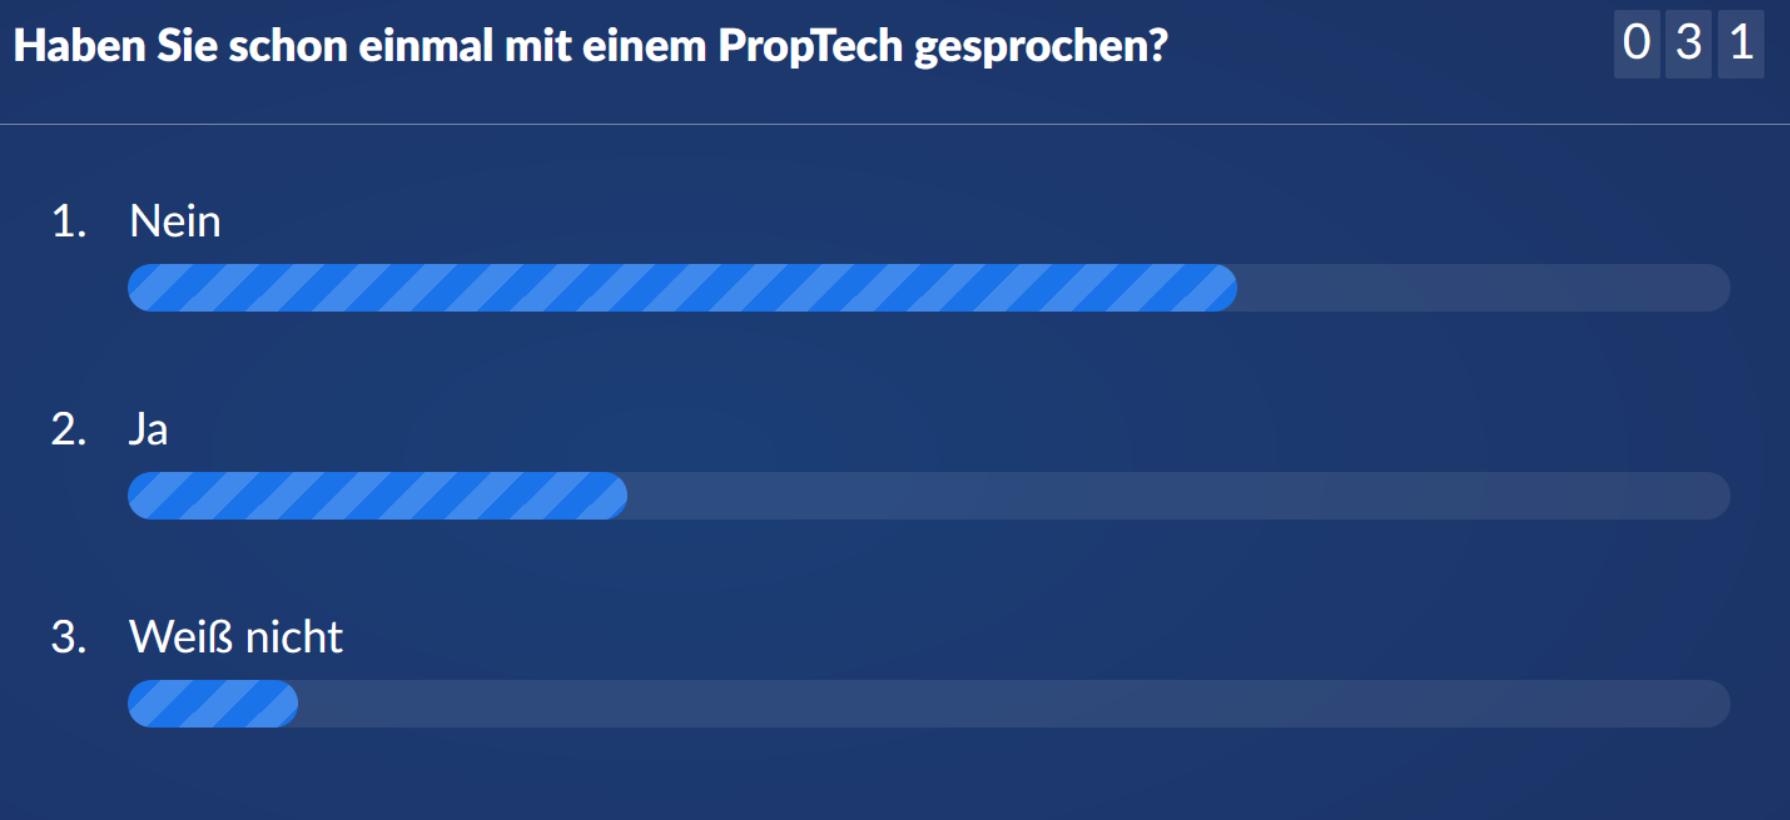 Ergebnisse Frage 2